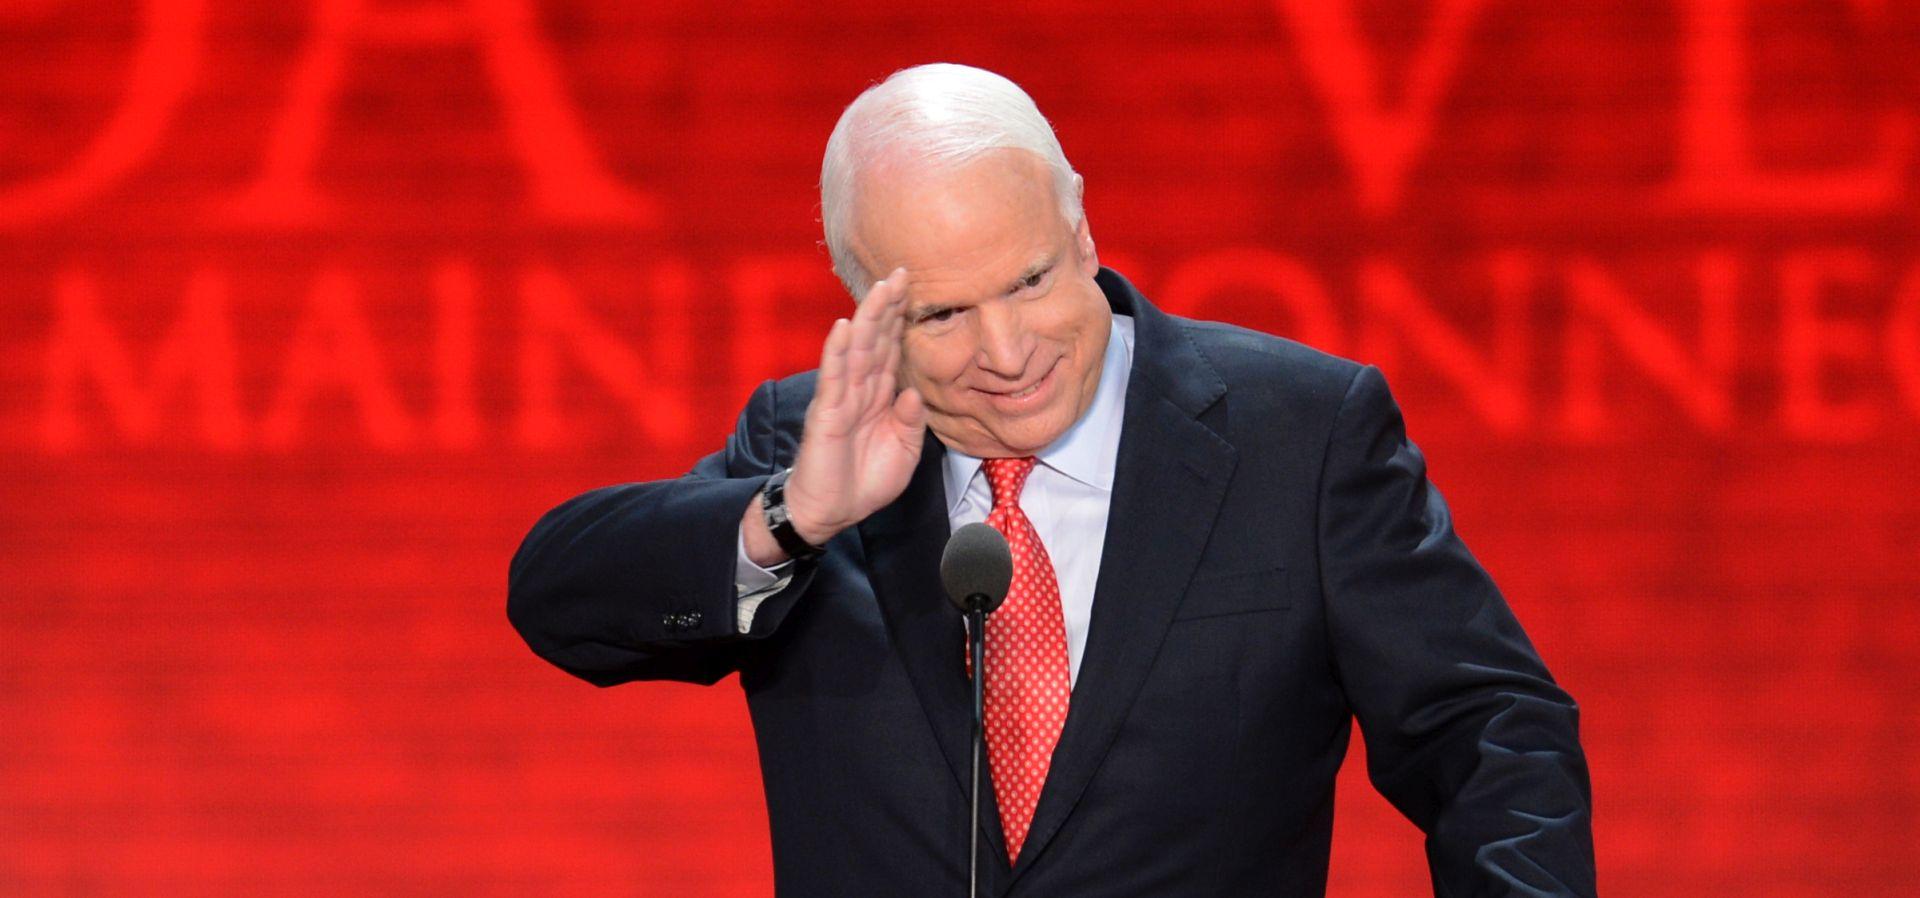 Amerika žaluje za McCainom, ratnim herojem i političkom ikonom